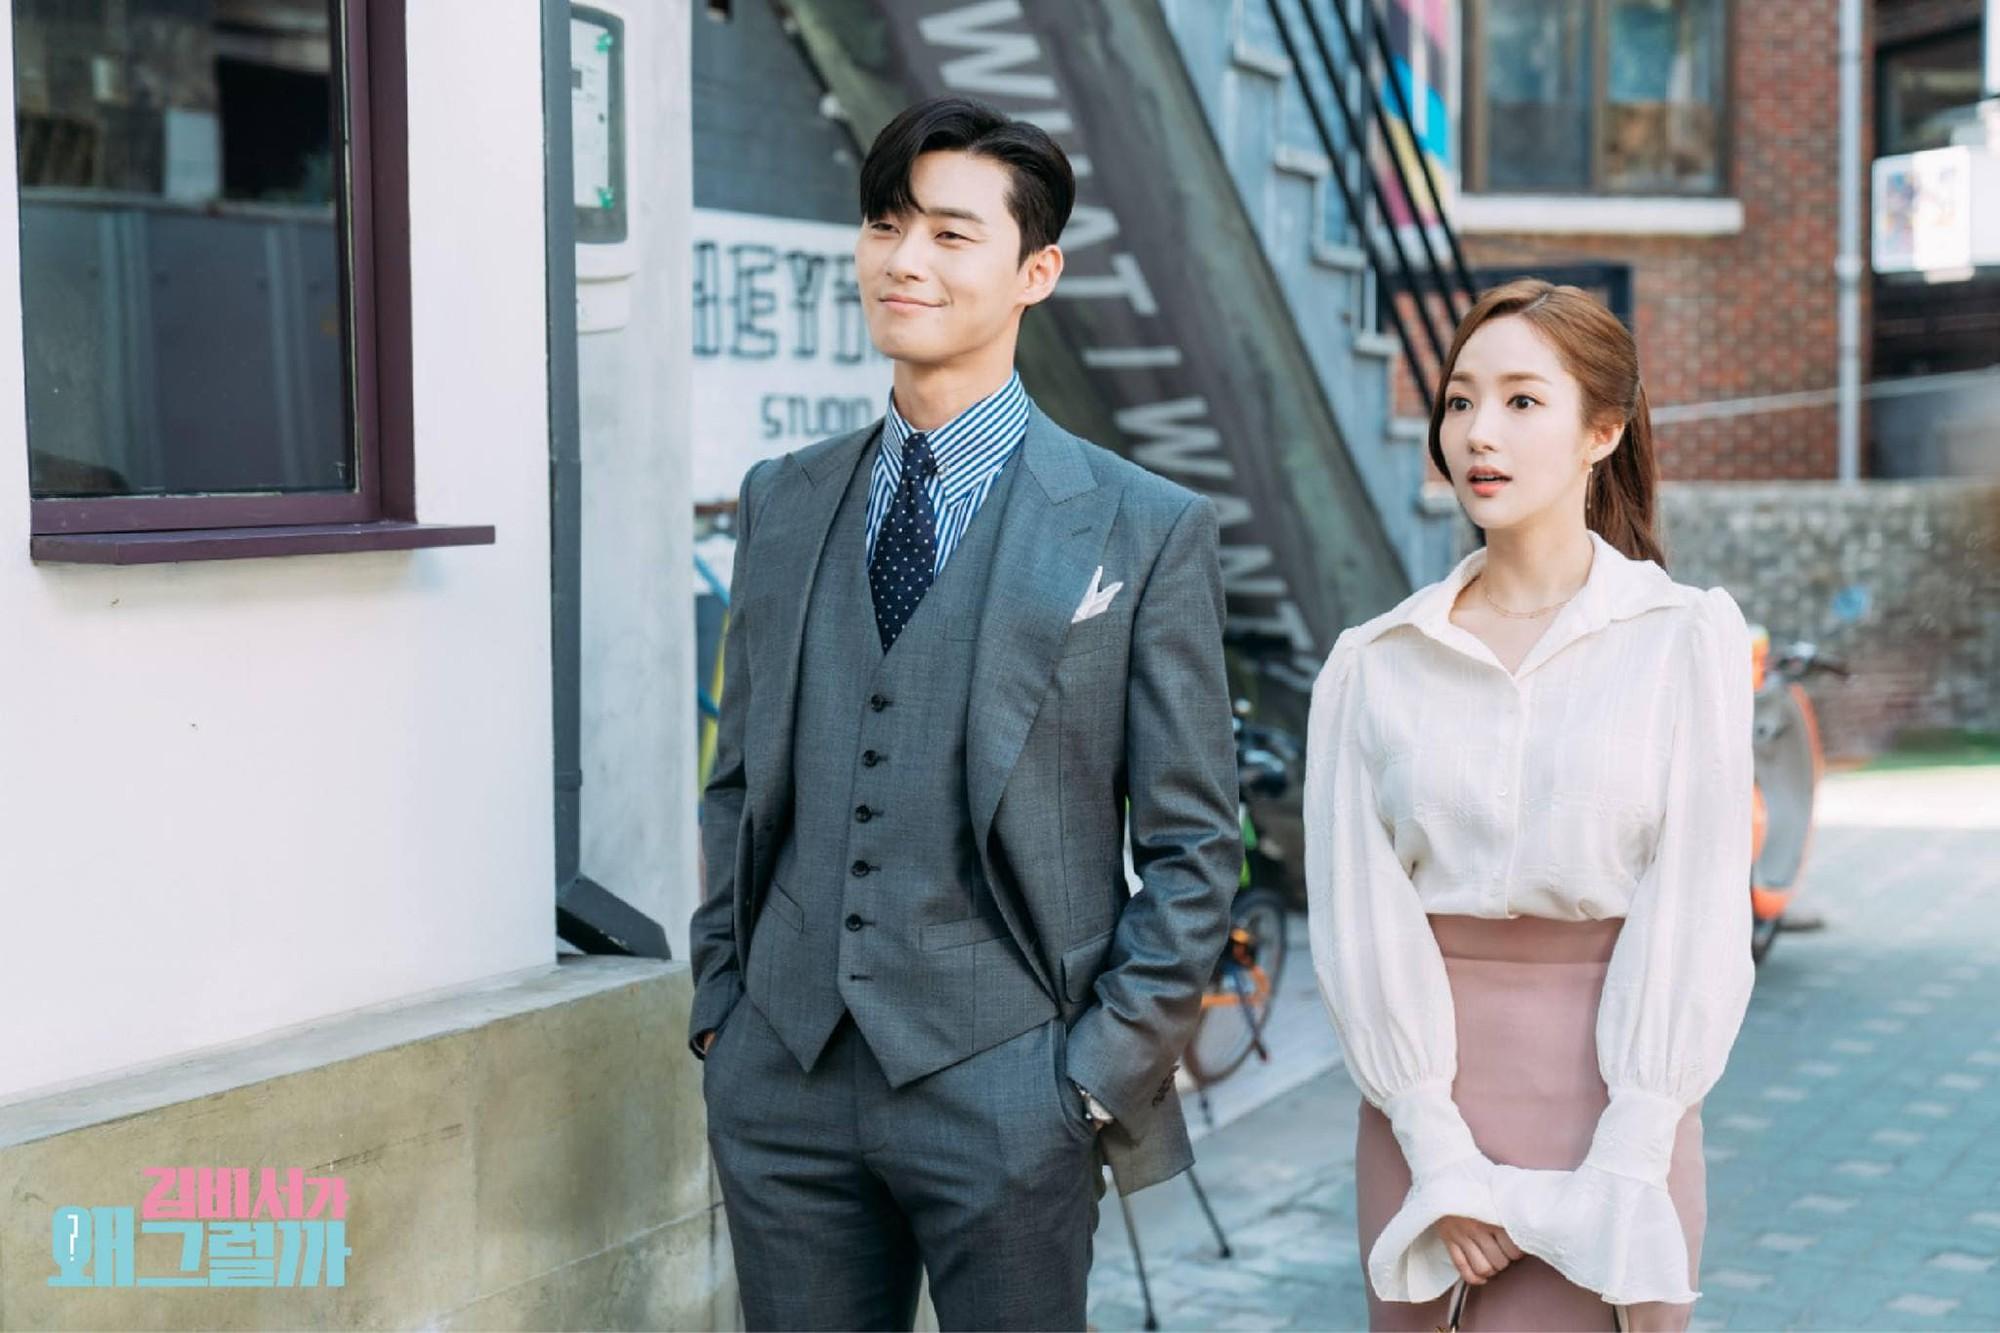 """Giới thiệu cô gái xinh đẹp với """"thư ký Kim"""", Park Seo Joon muốn chọc cô  ghen sao?"""